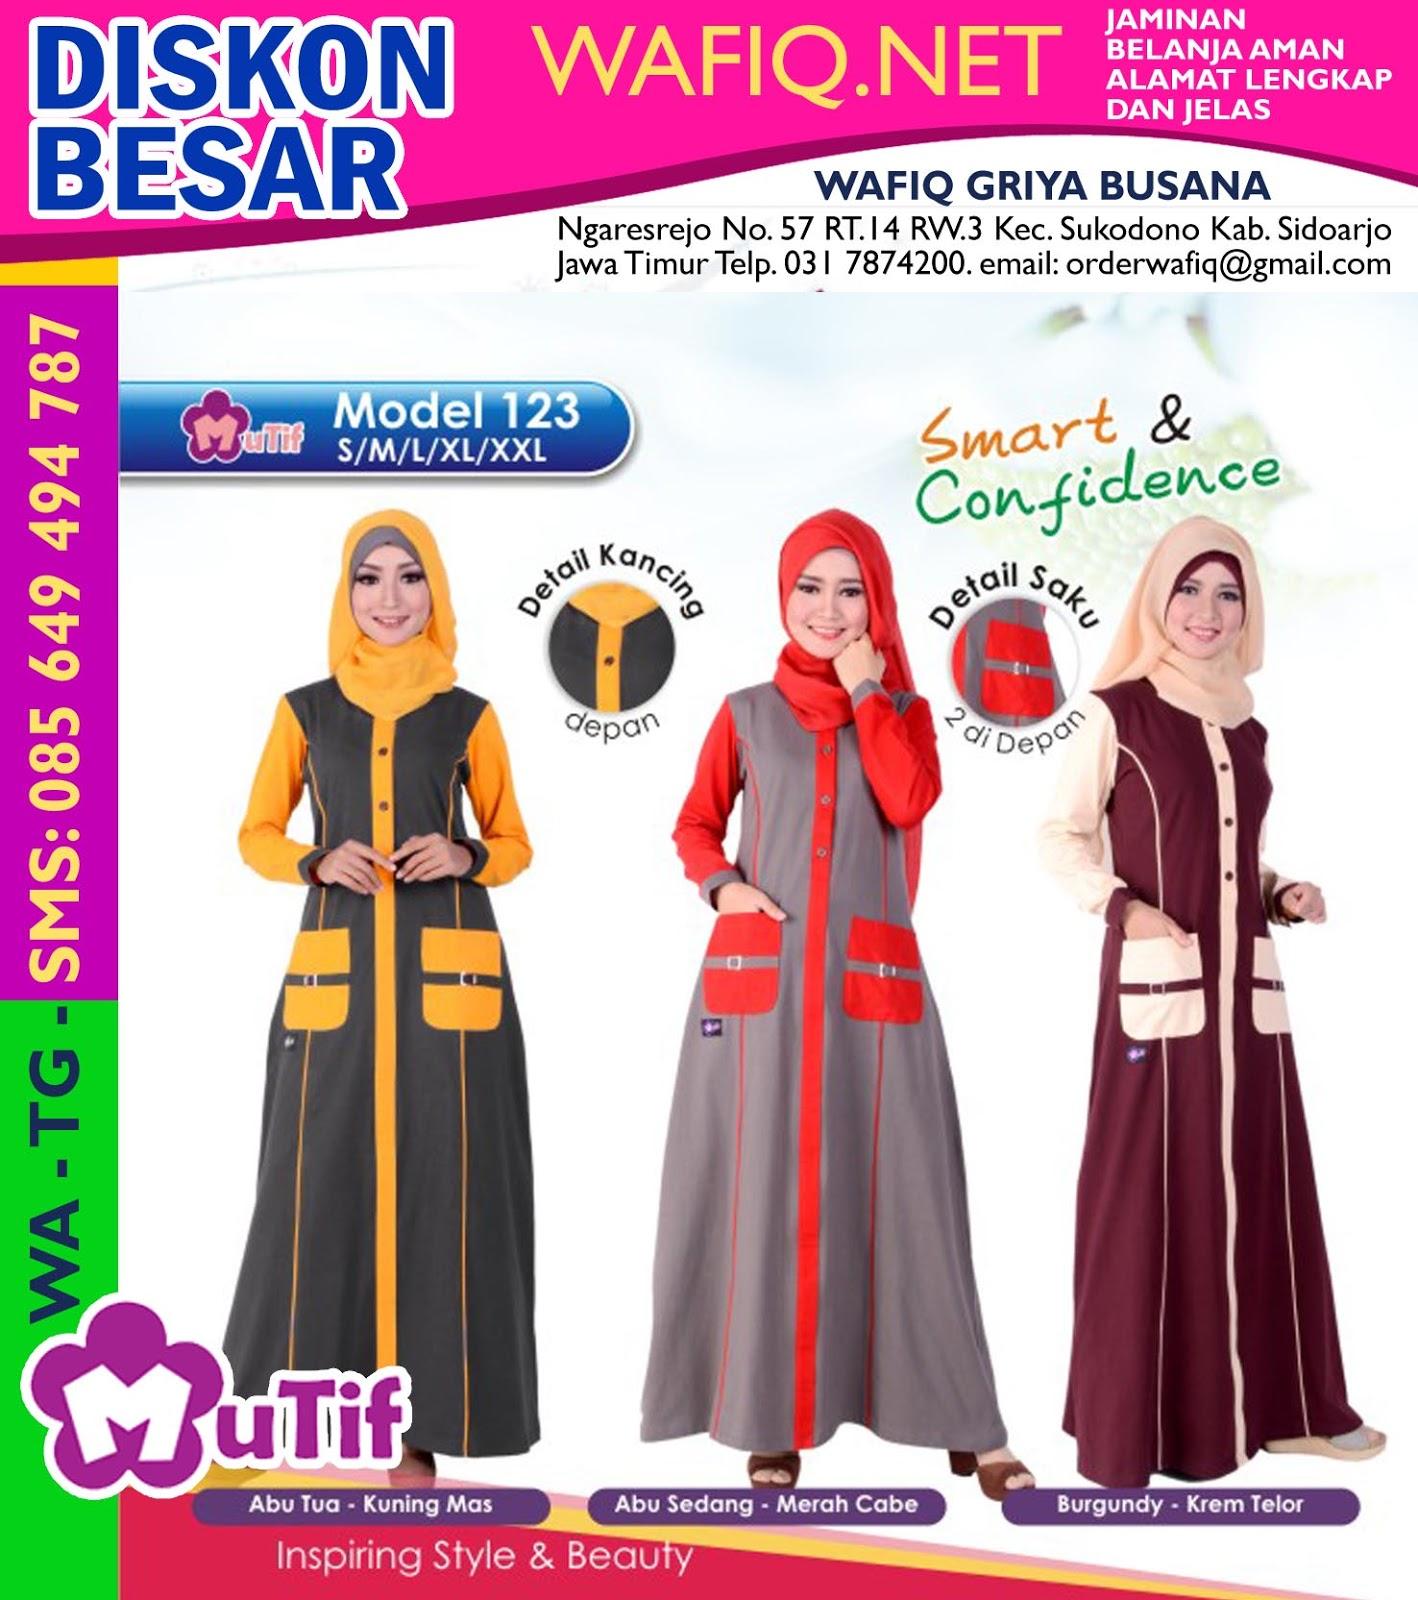 Baju Mutif Atasan Gamis Model Baru Diskon Besar Wafiq